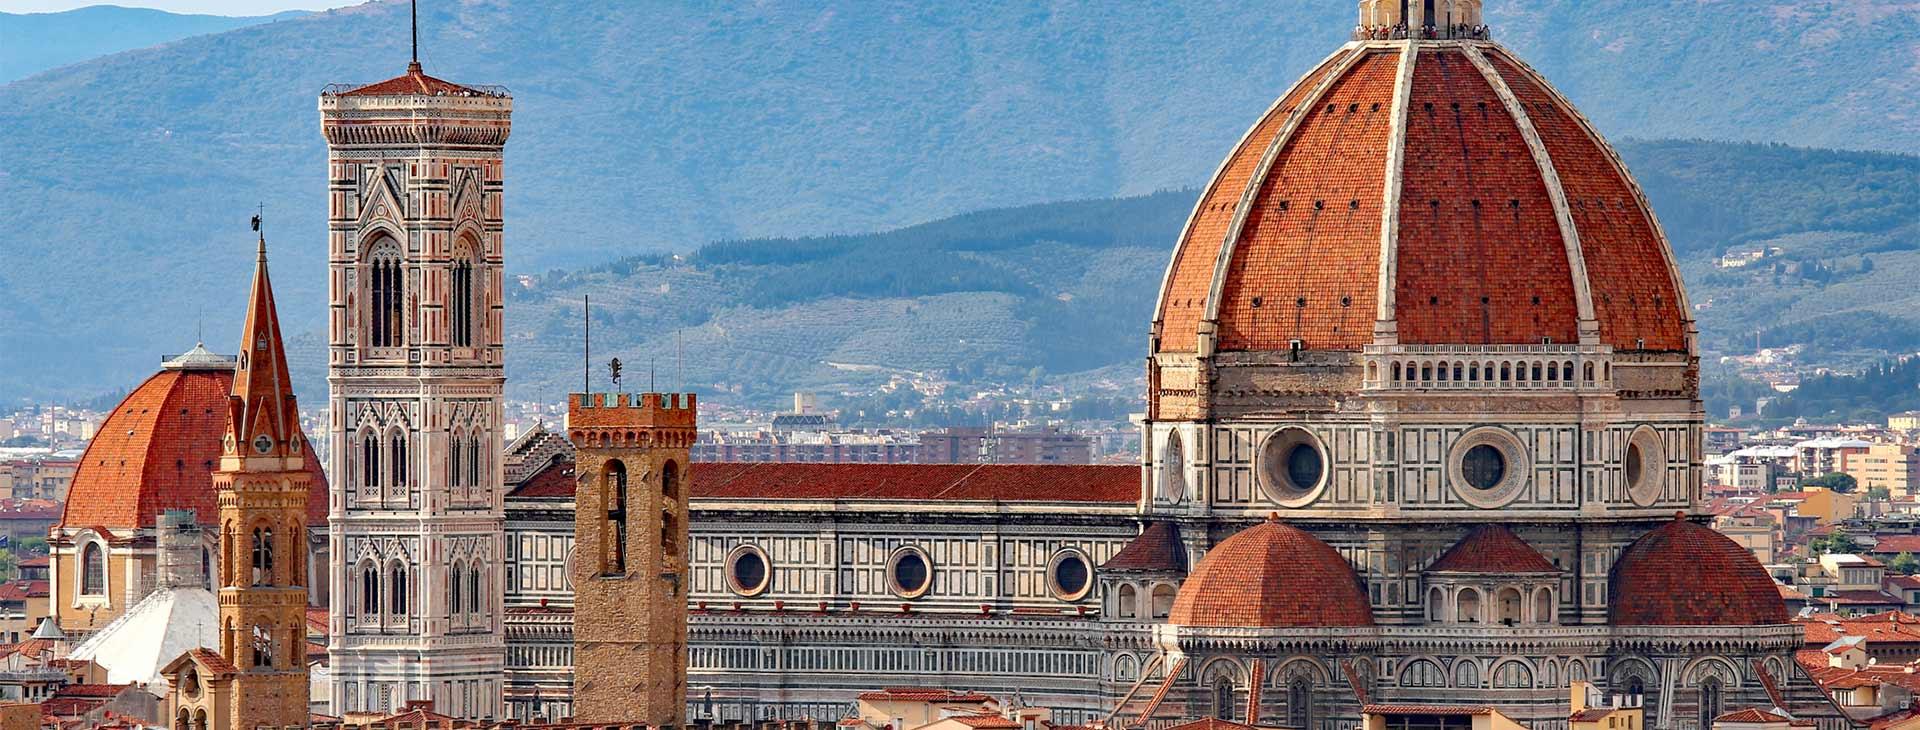 Florencja - Z pasji życia, z miłości do sztuki Włochy Wyc. objazdowe